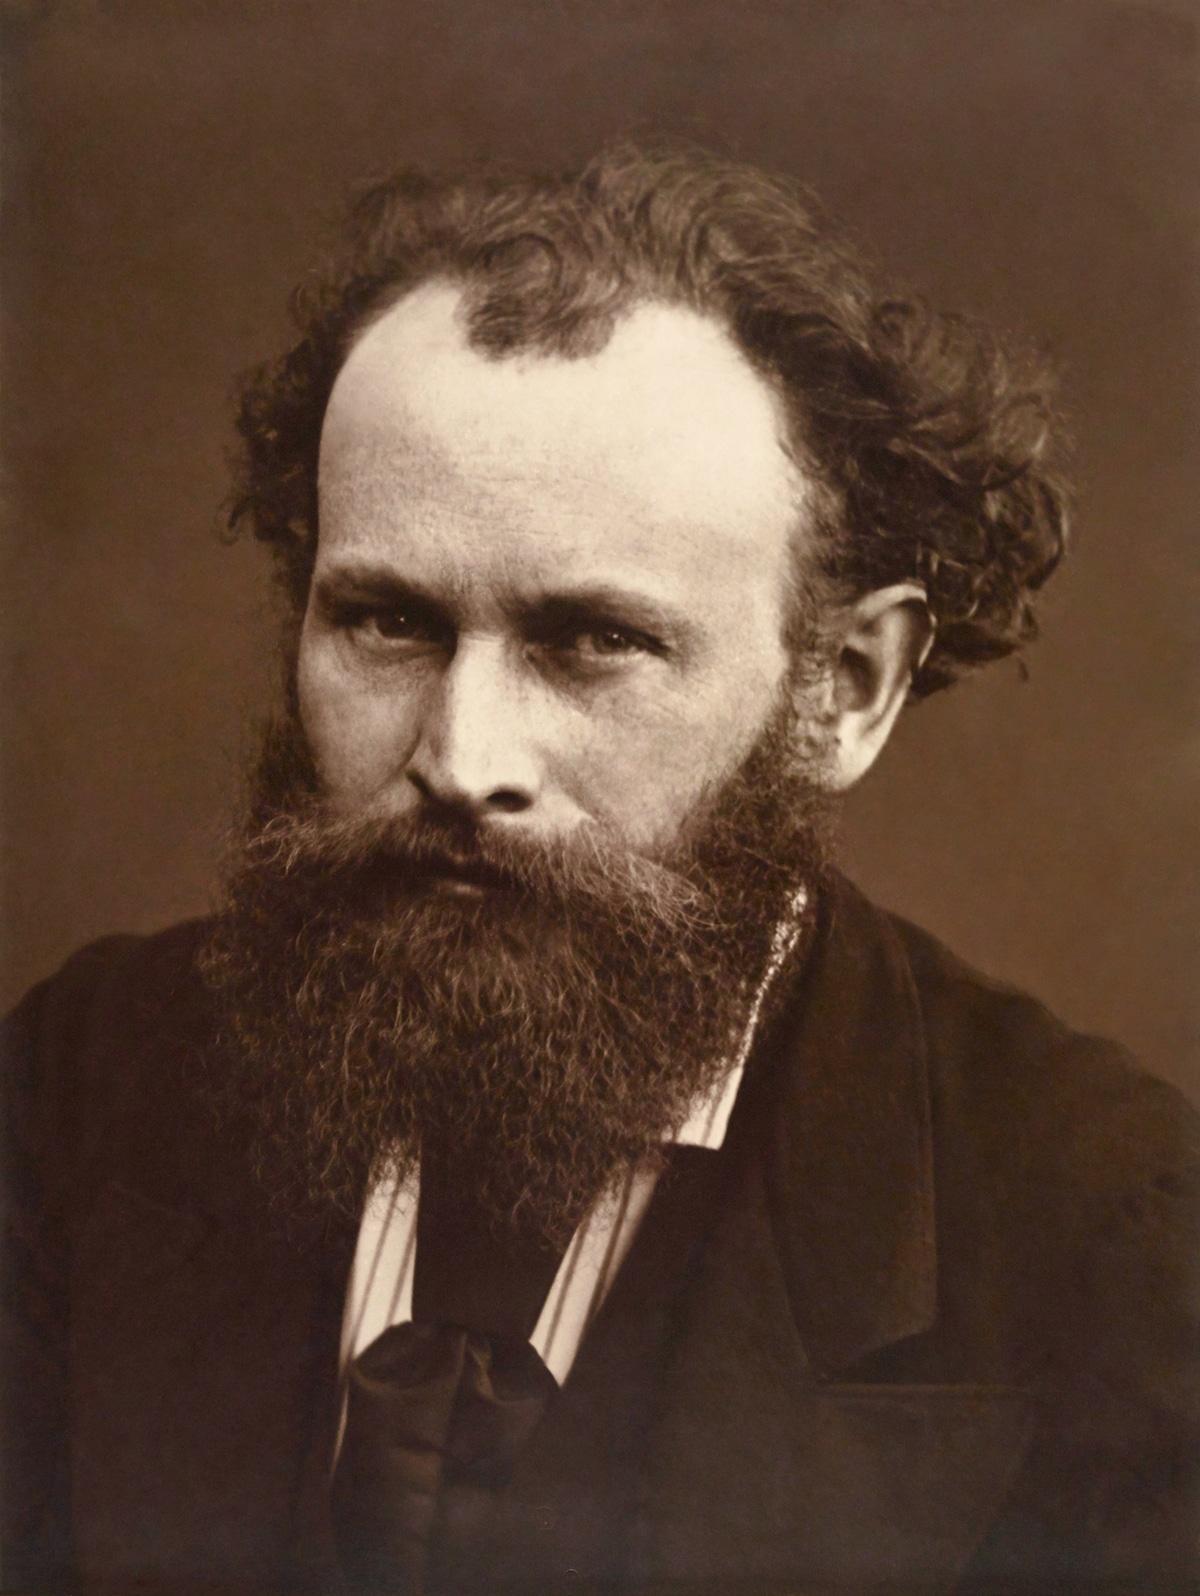 Fotografía de Edouard Manet